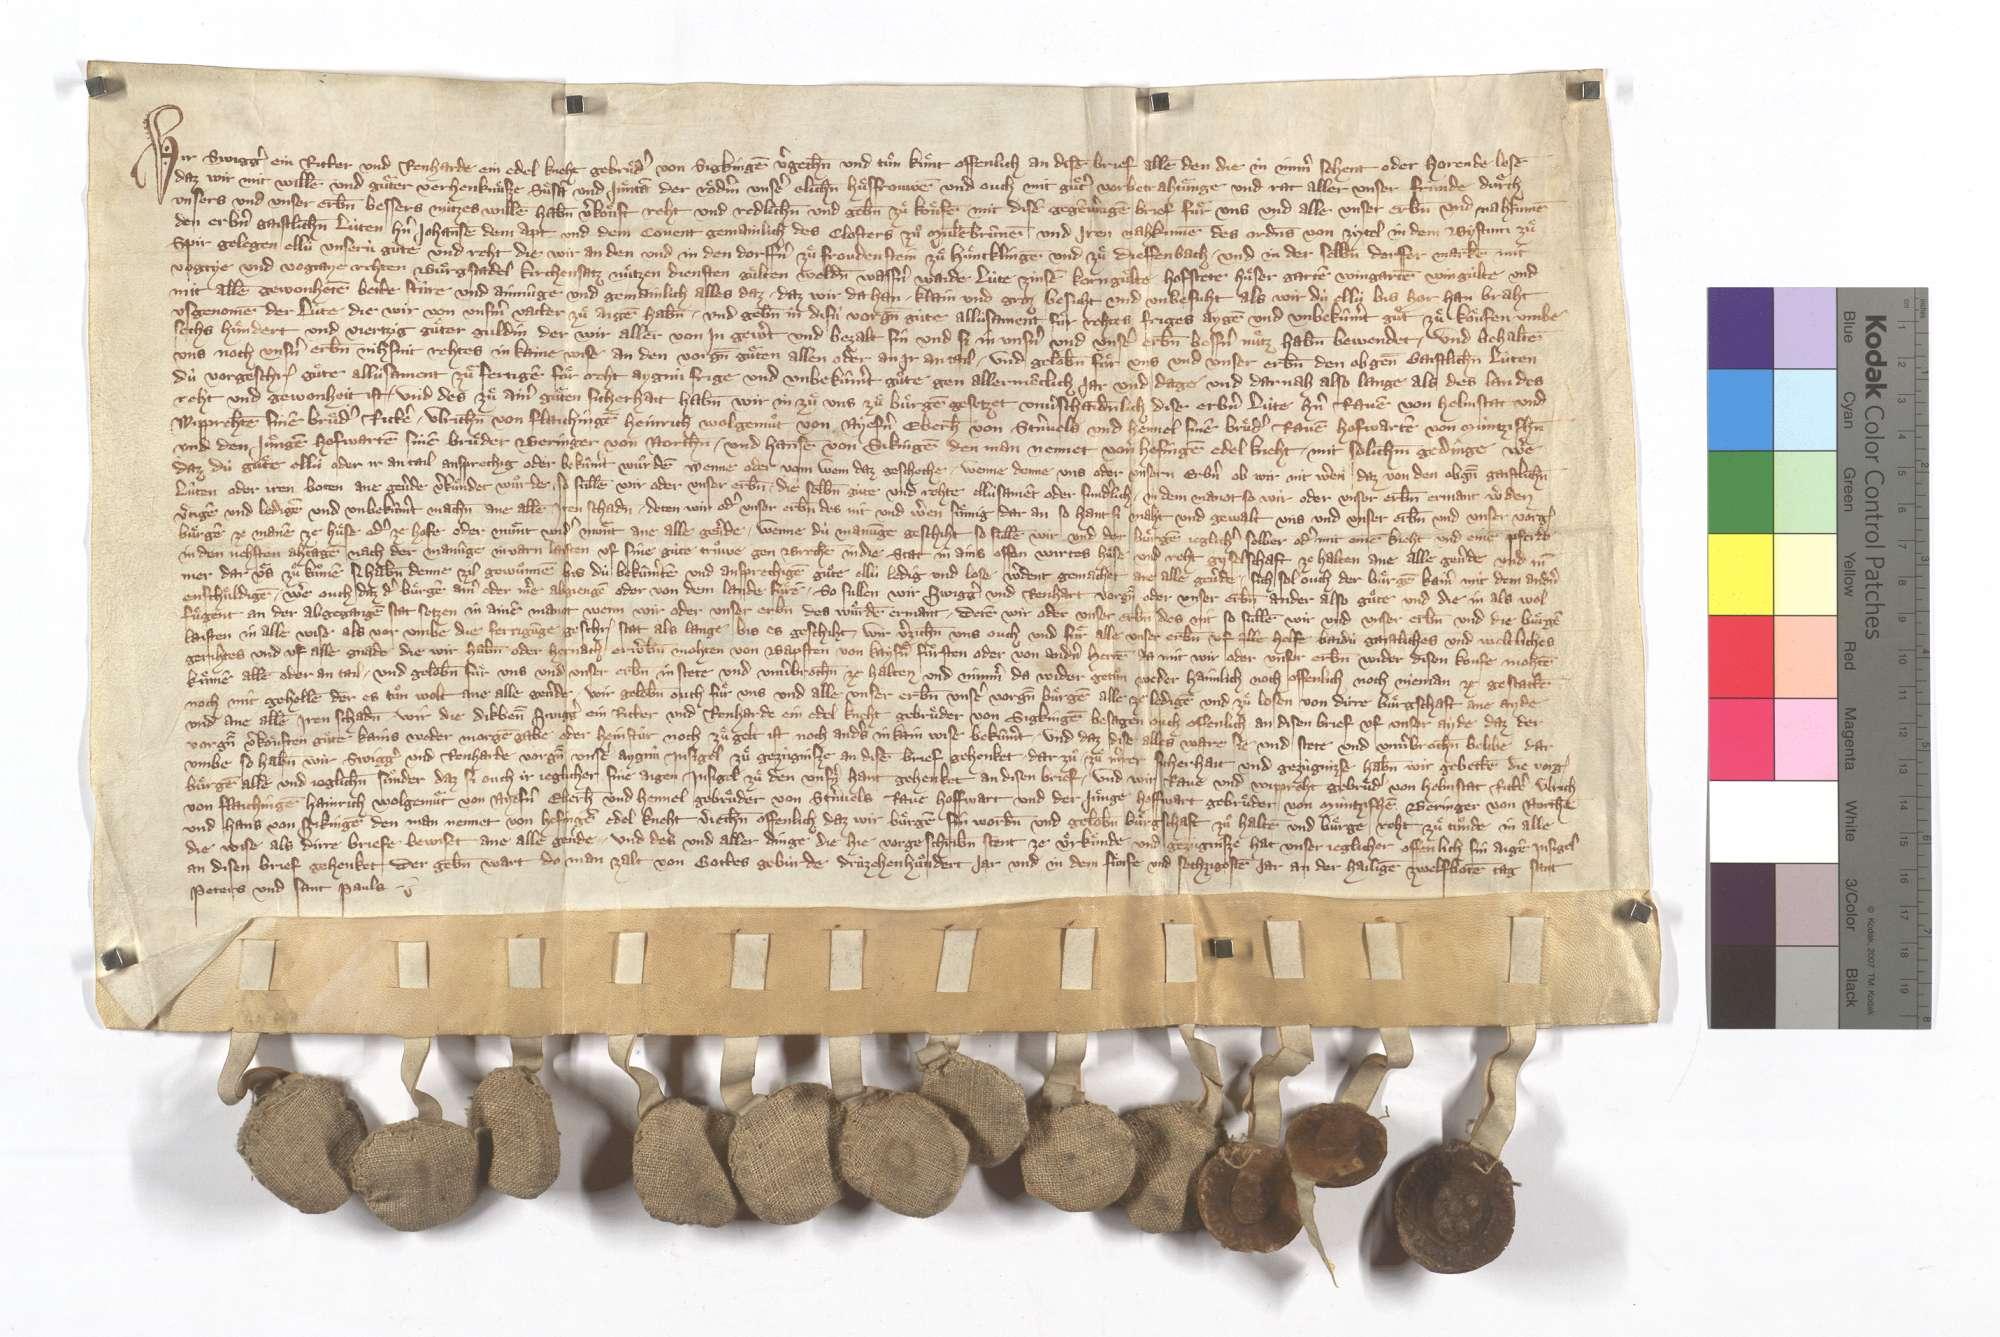 Schwicker (Swigger) und Reinhard von Sickingen verkaufen dem Kloster Maulbronn alle ihre Herrlichkeit, Gerechtsame, Zinsen und Gülten in Freudenstein, Hohenklingen und Diefenbach., Text